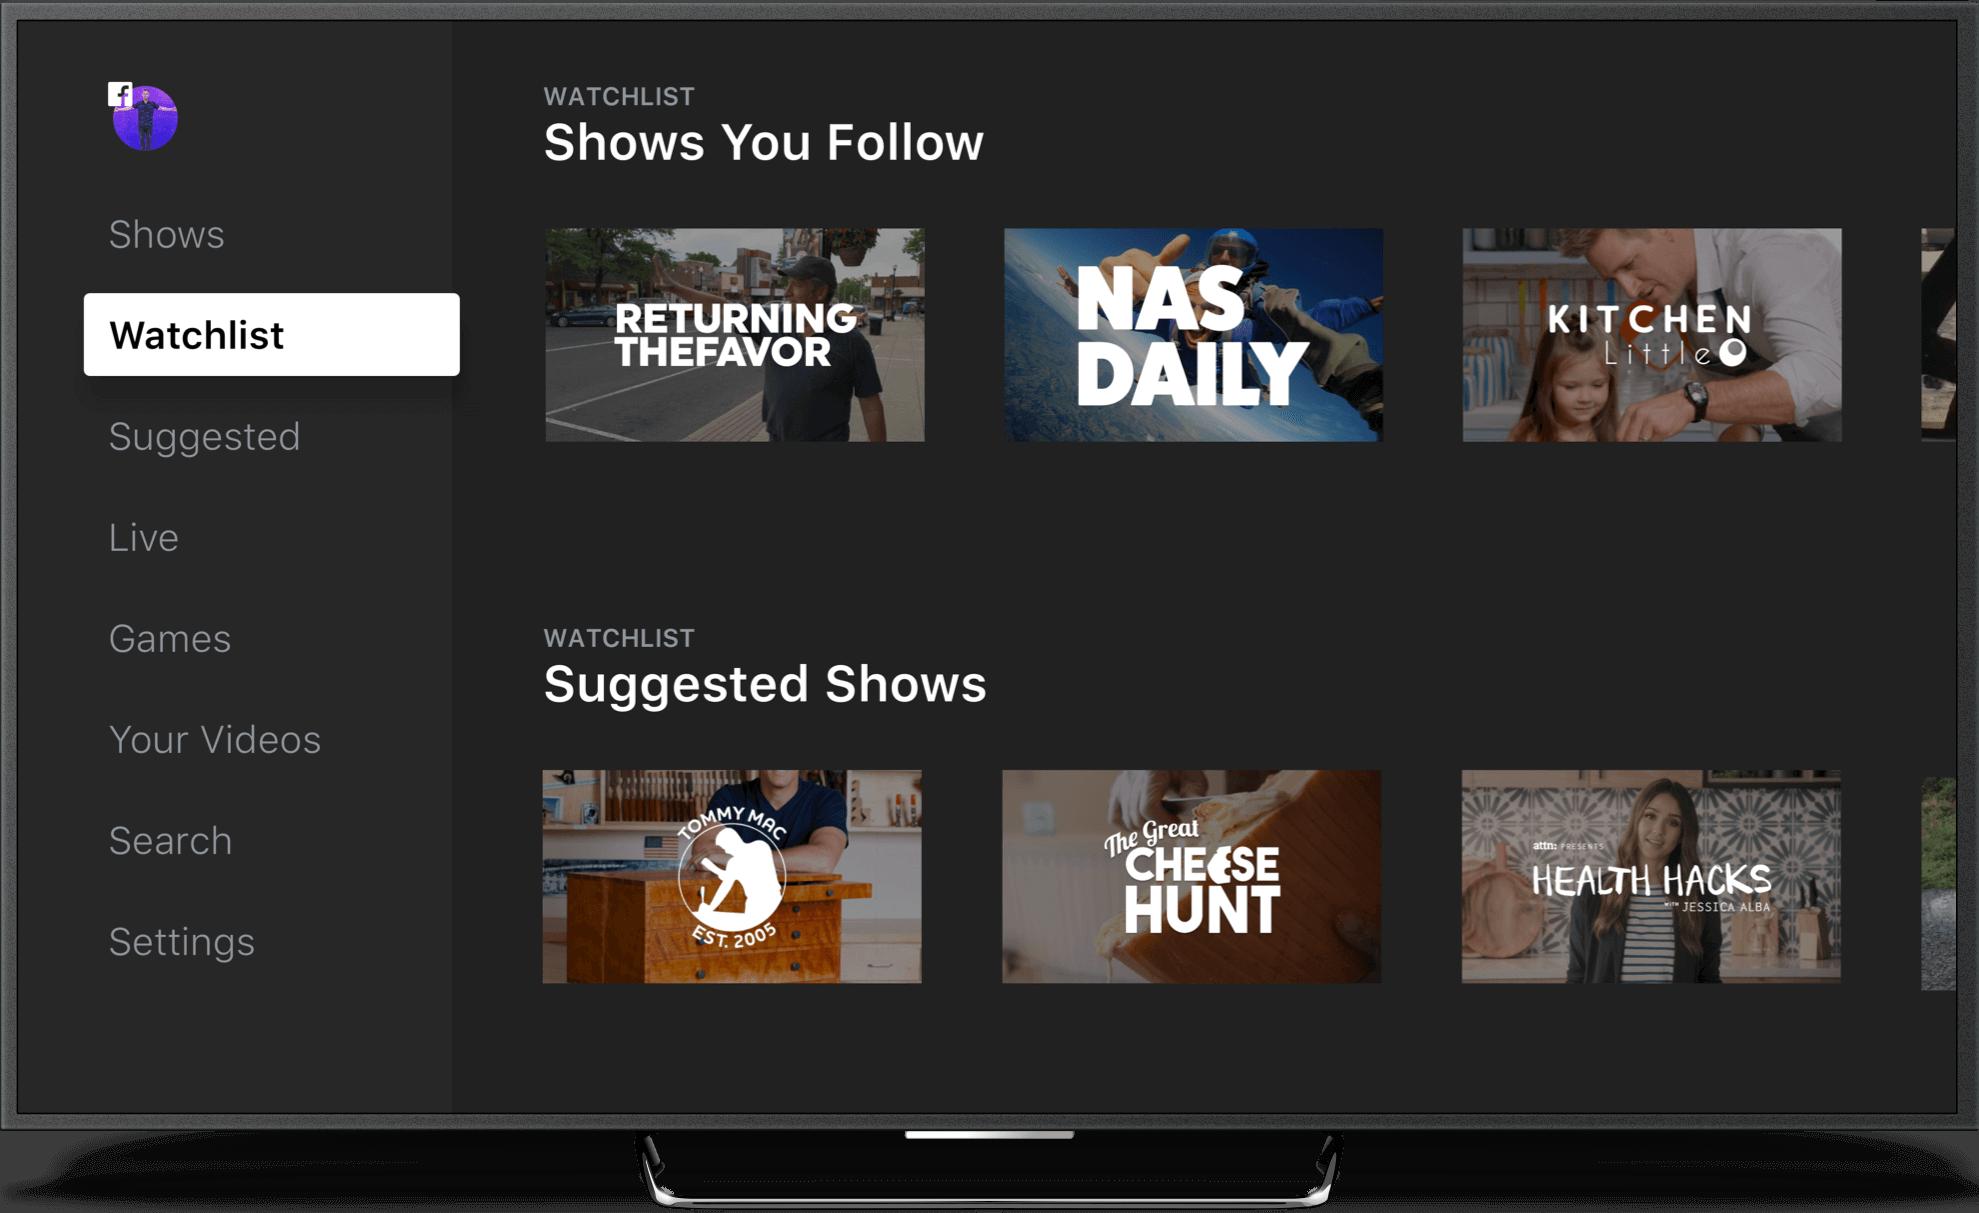 Facebook Watch Watchlist App